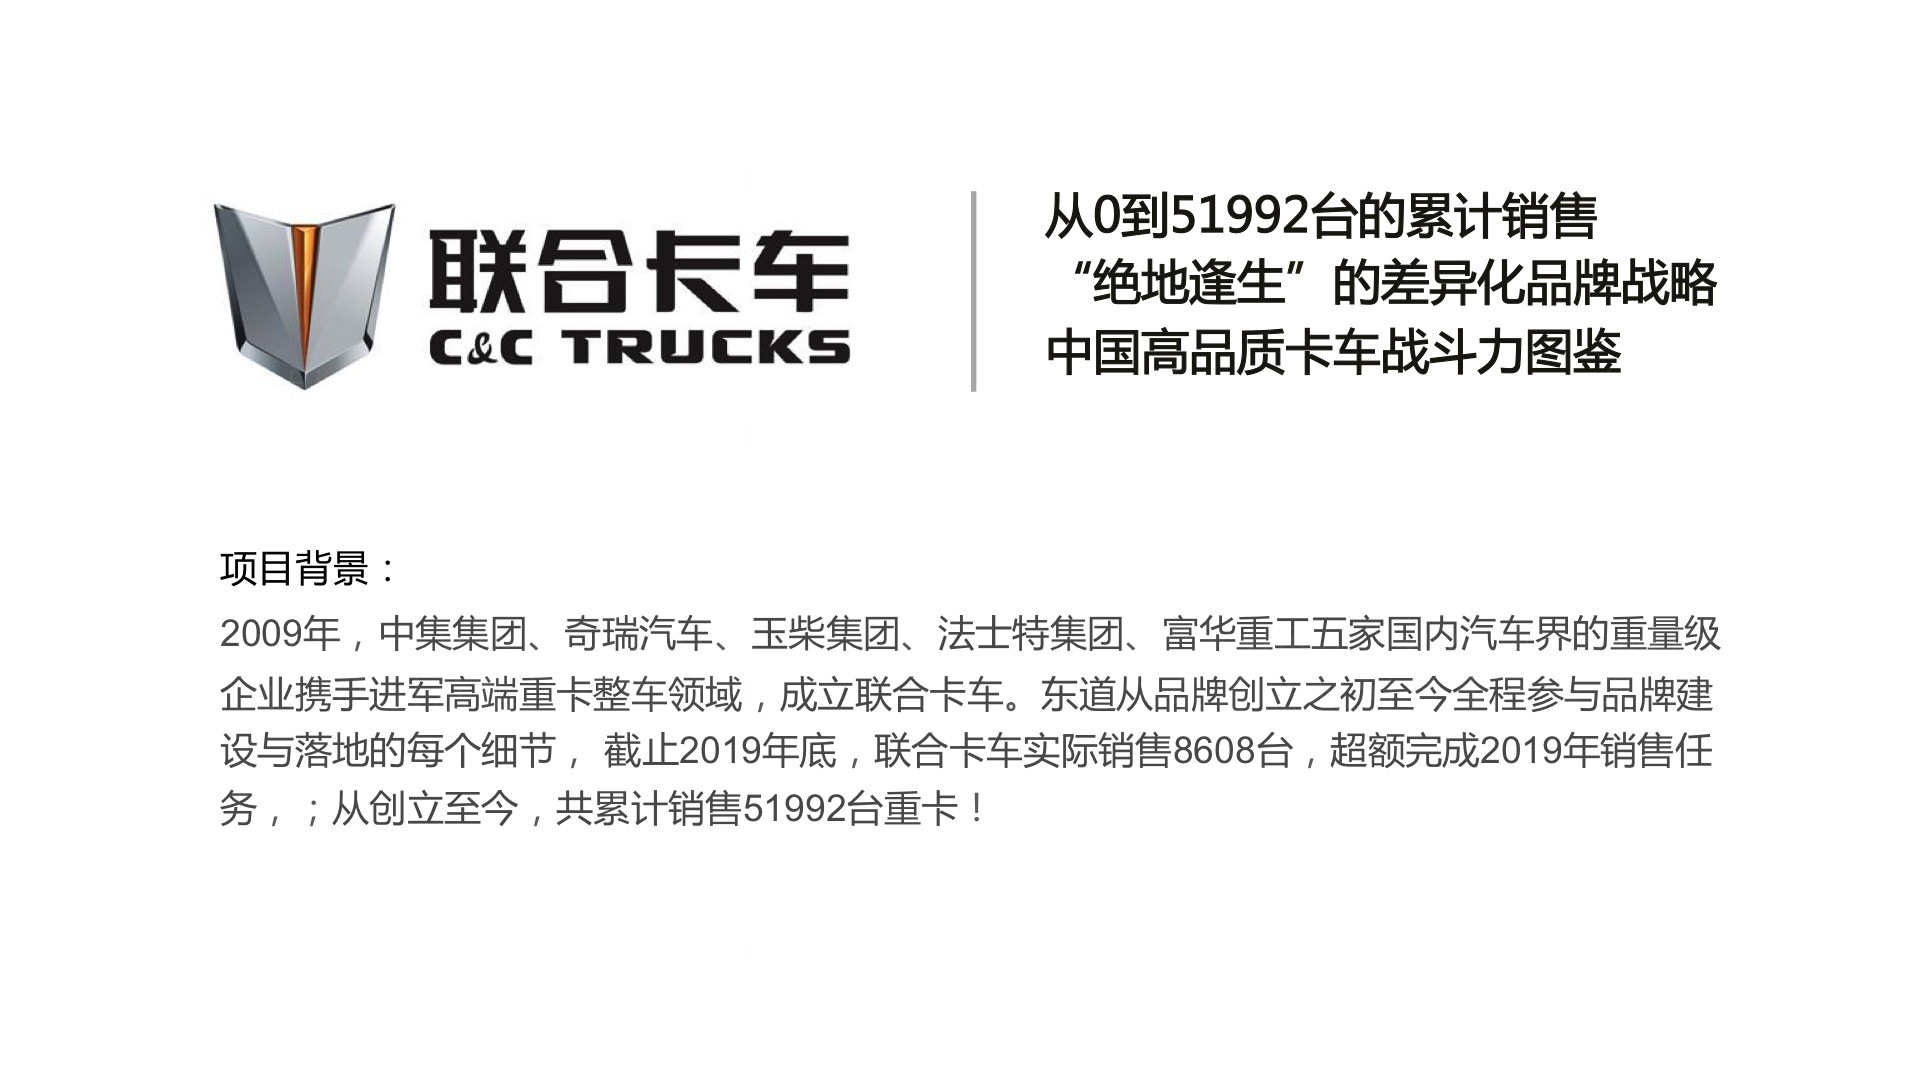 品牌战略&企业文化案例联合卡车联合卡车品牌战略规划